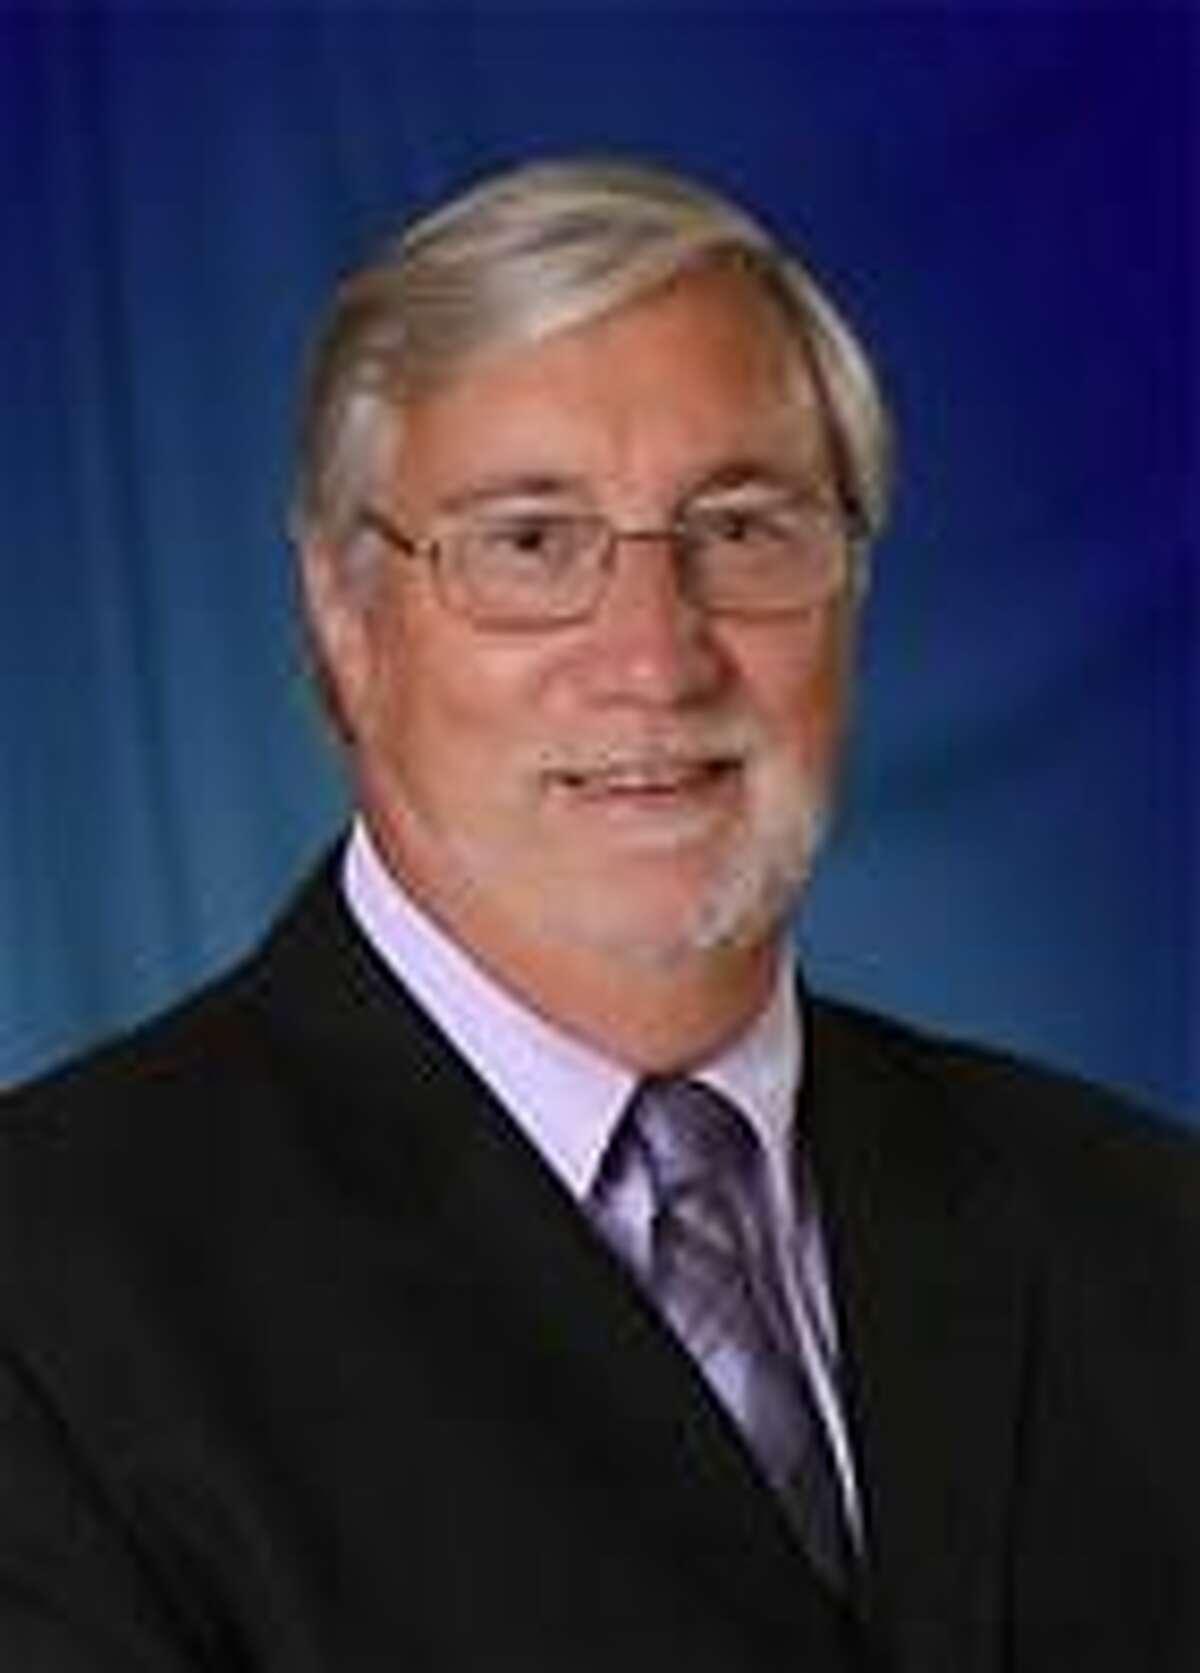 Norwalk Town Clerk Richard A. McQuaid